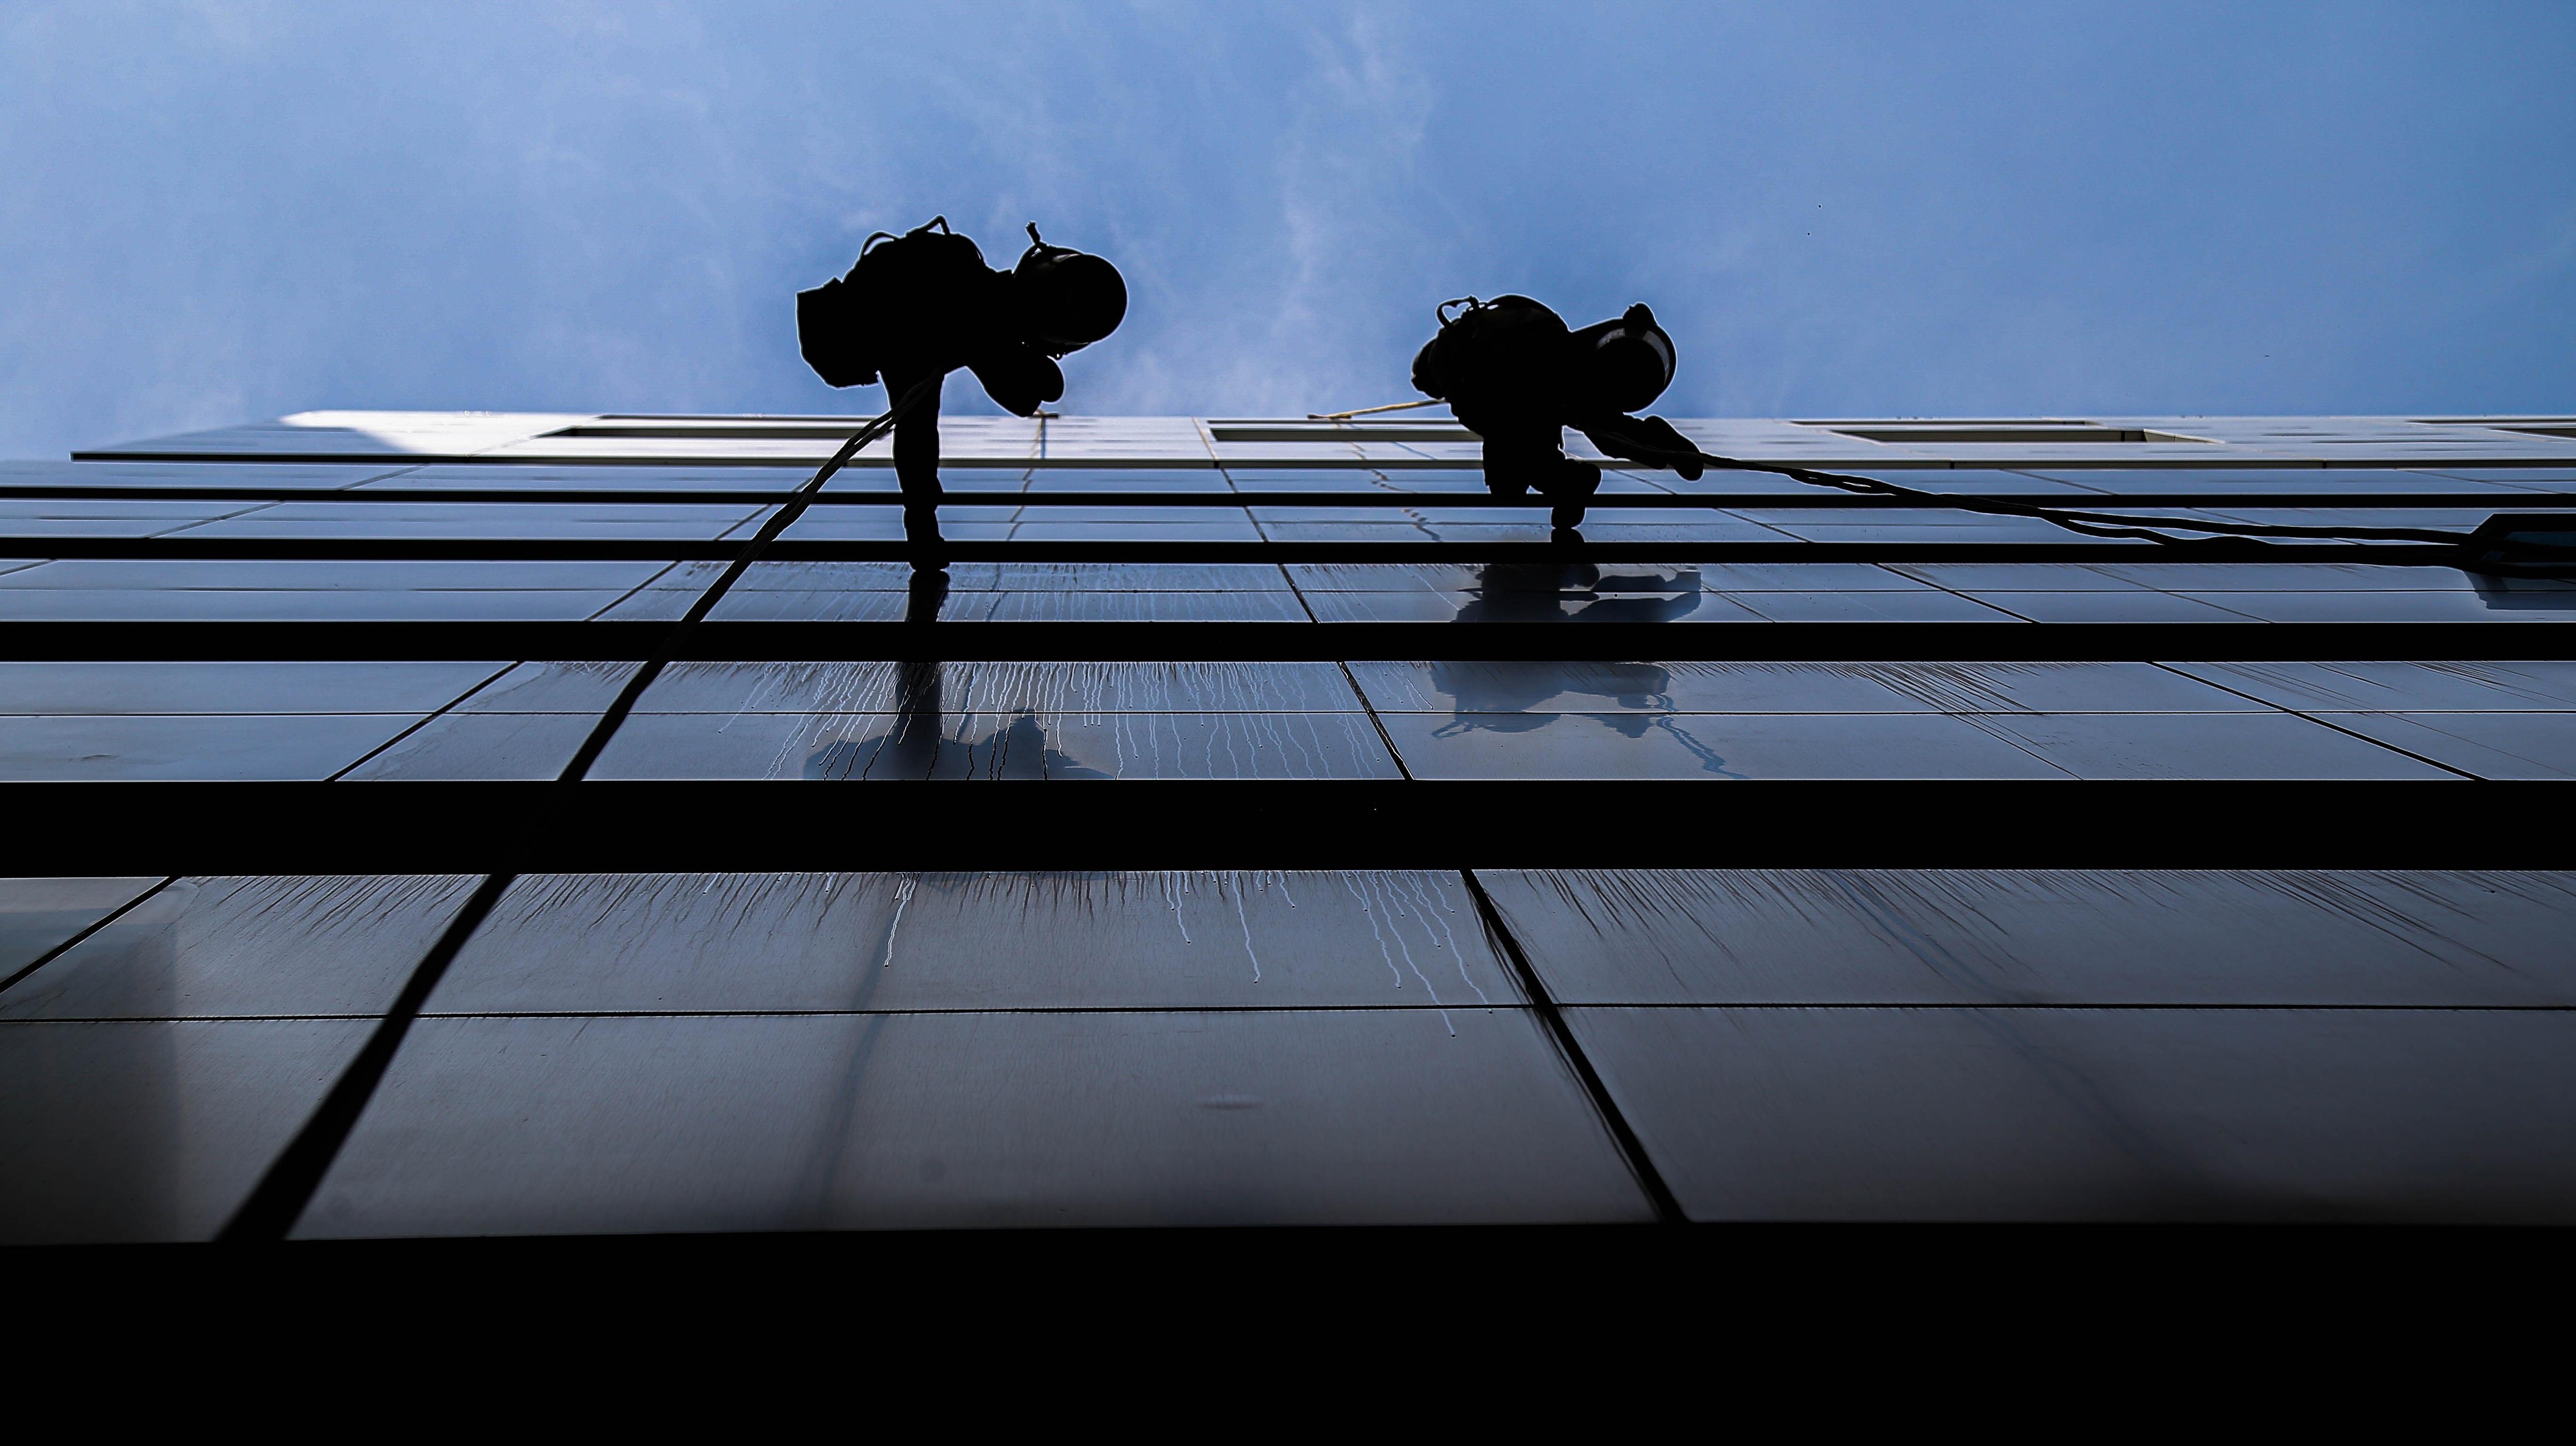 Bán mạng lau kính cao ốc kiếm bạc triệu mỗi ngày - 10